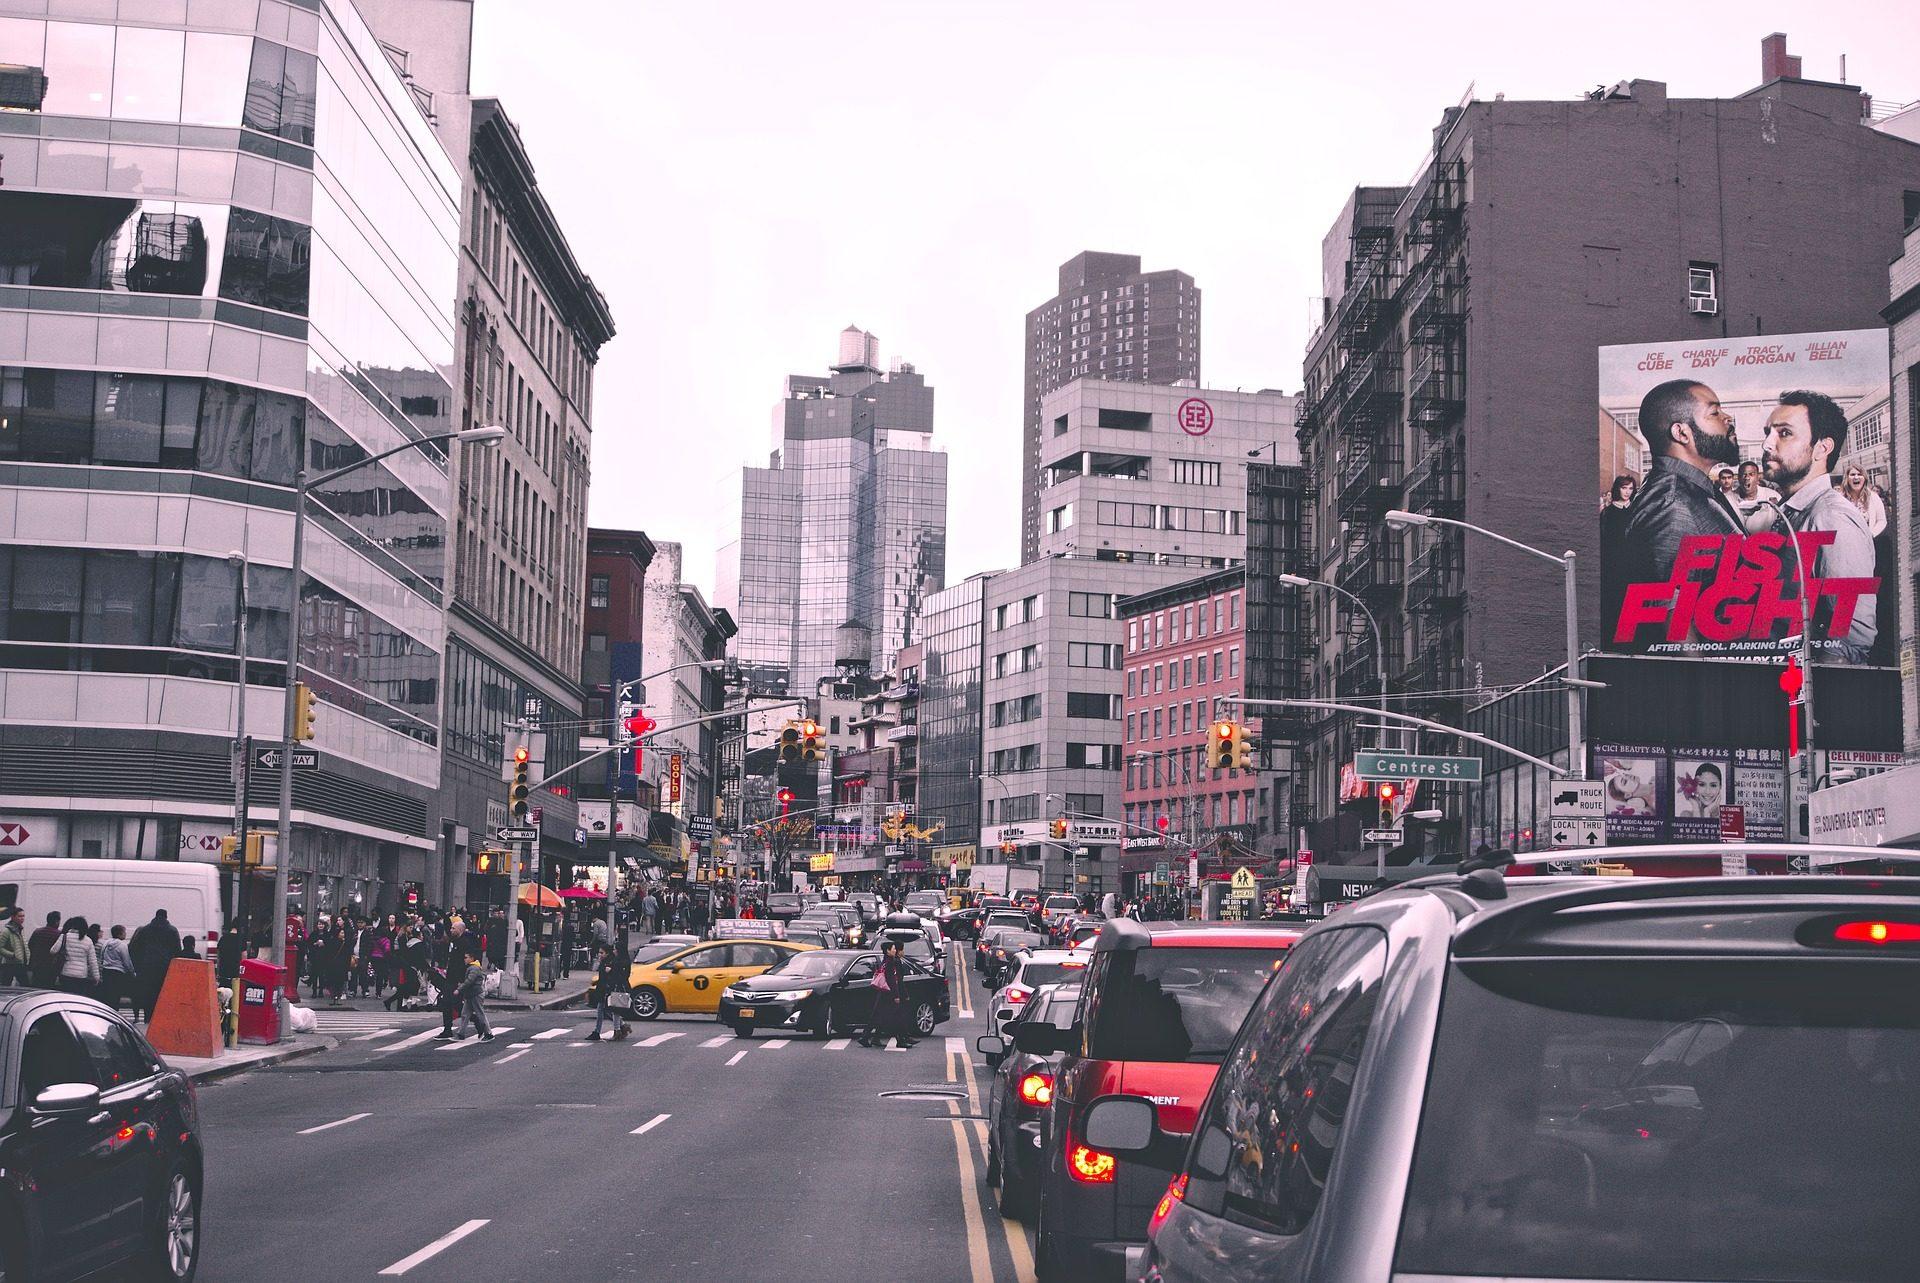 城市, 建筑, 交通, 人, 集聚, ajetreo - 高清壁纸 - 教授-falken.com